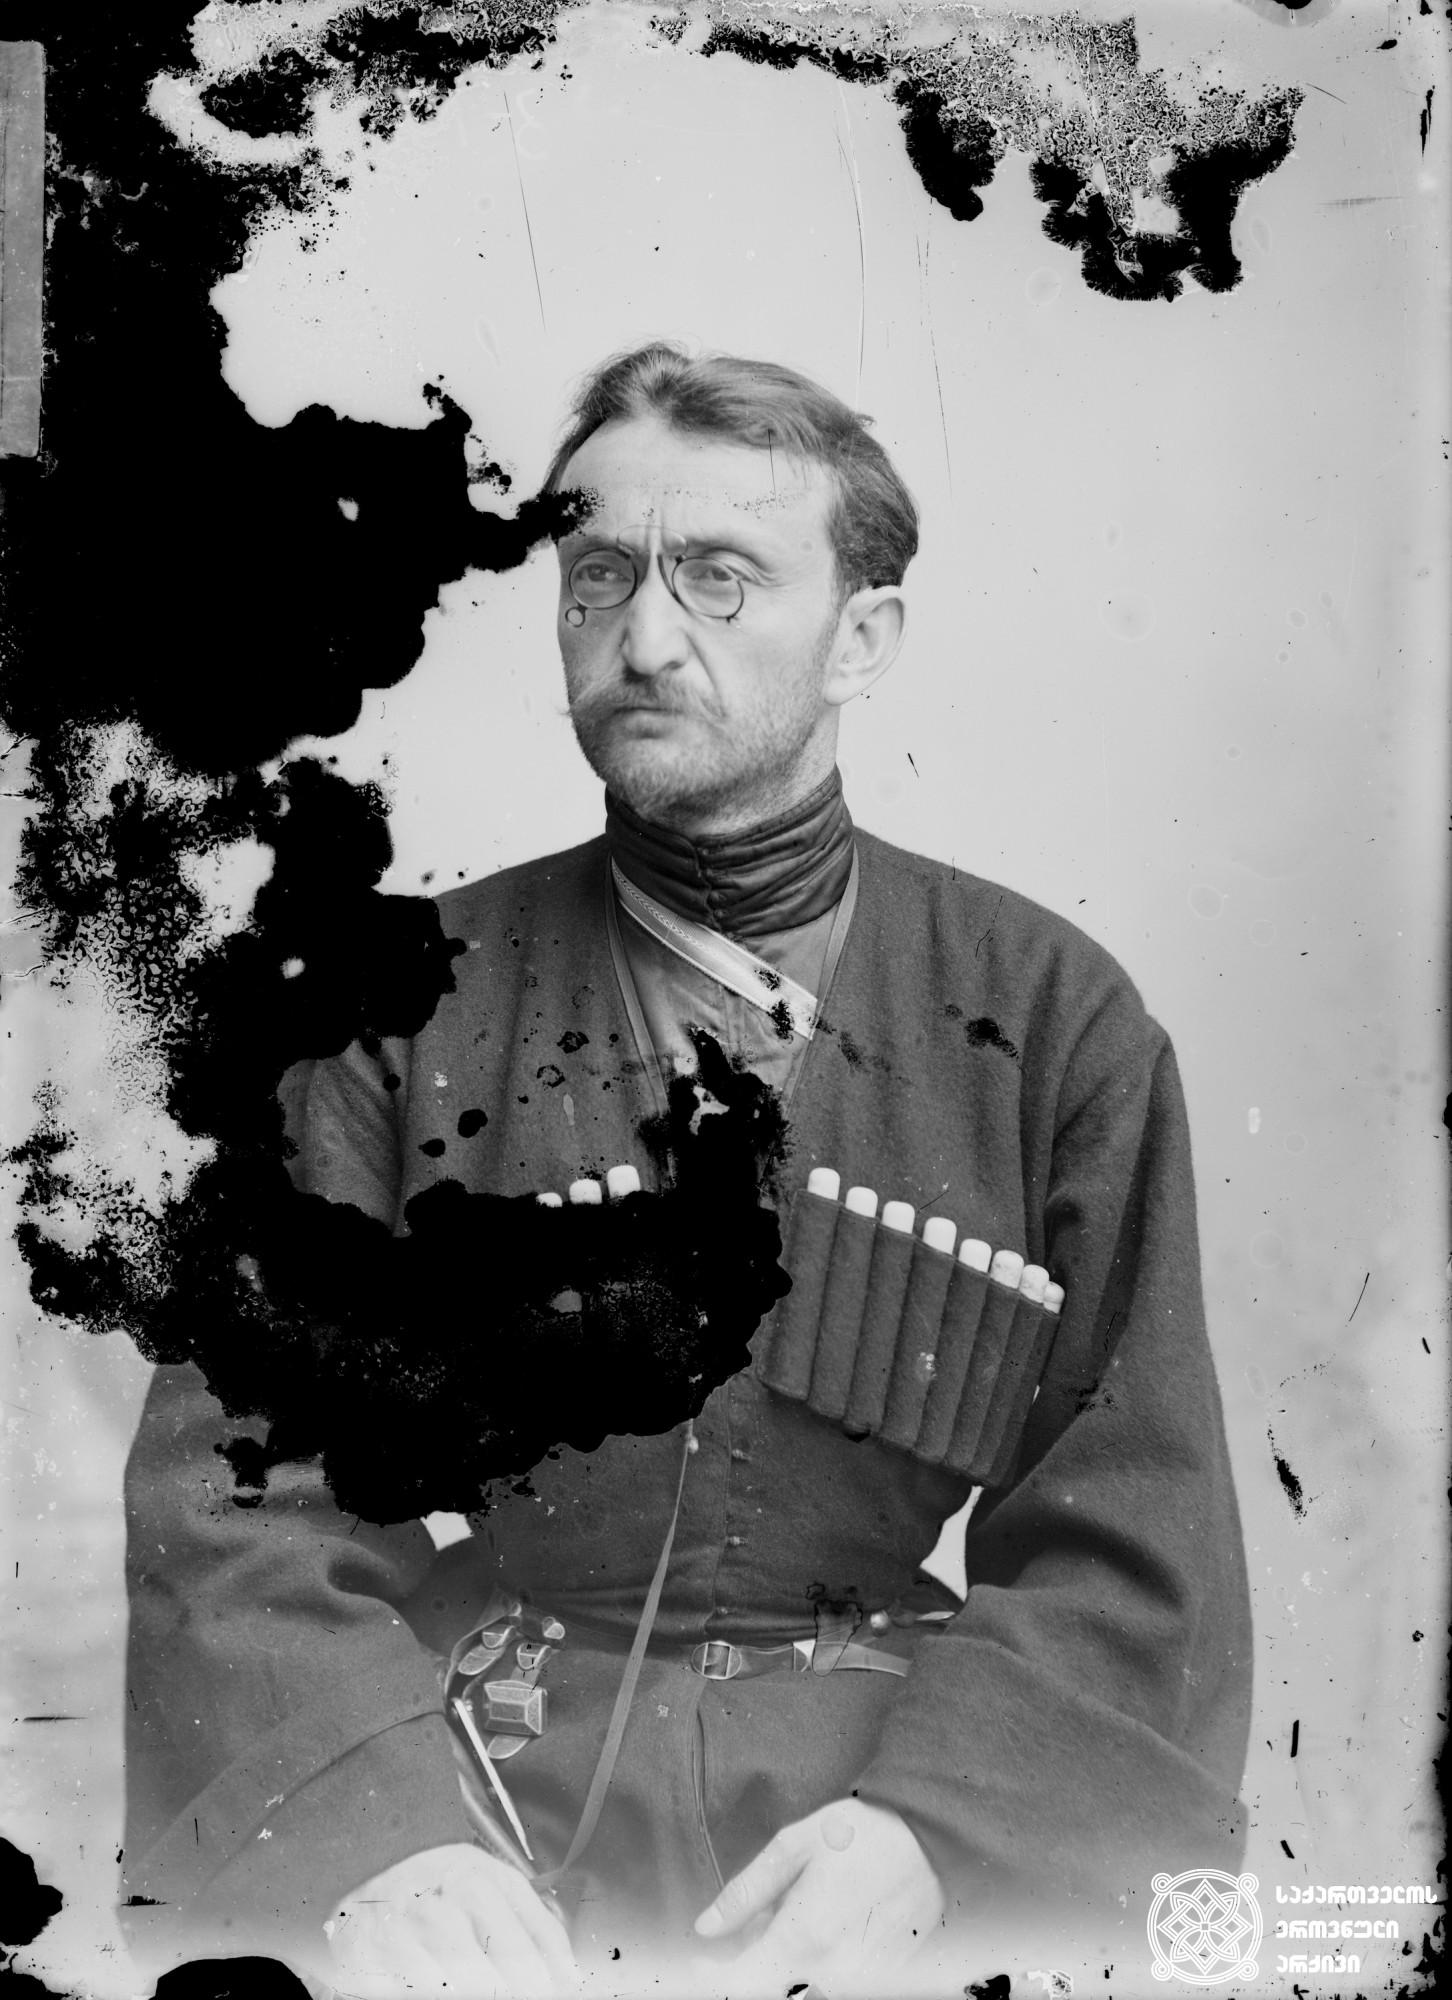 პოეტი გრიგოლ აბაშიძე (1866-1903). <br> მინის ნეგატივი 12X16. <br> Poet Grigol Abashidze (1866-1903). <br> Glass negative 12X16.